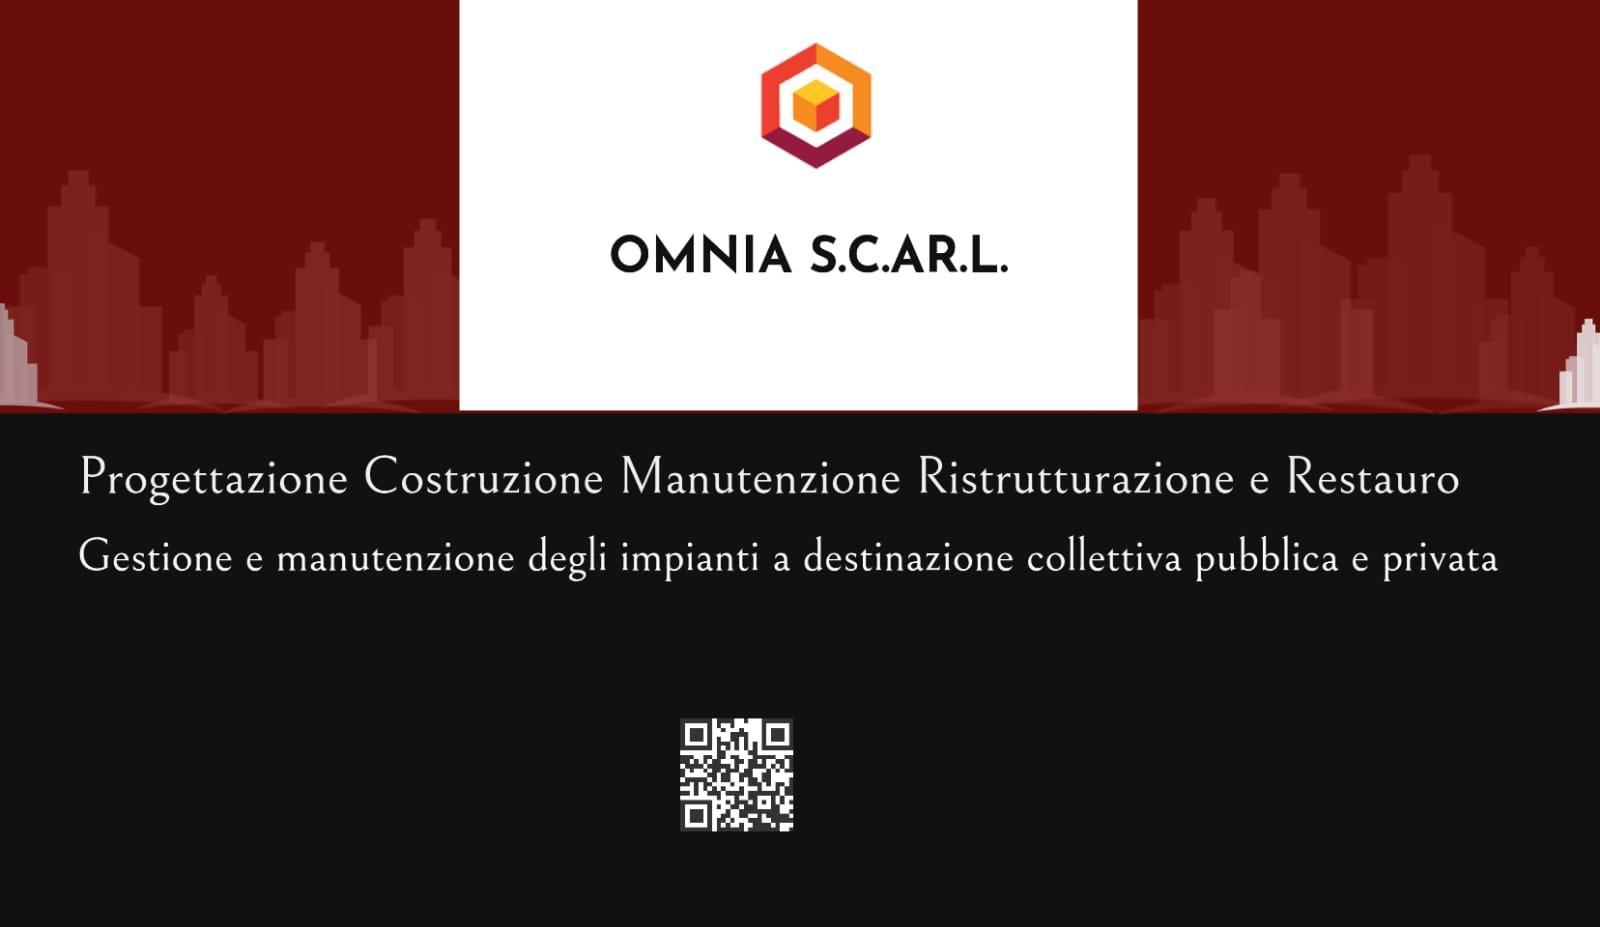 Omnia Scarl